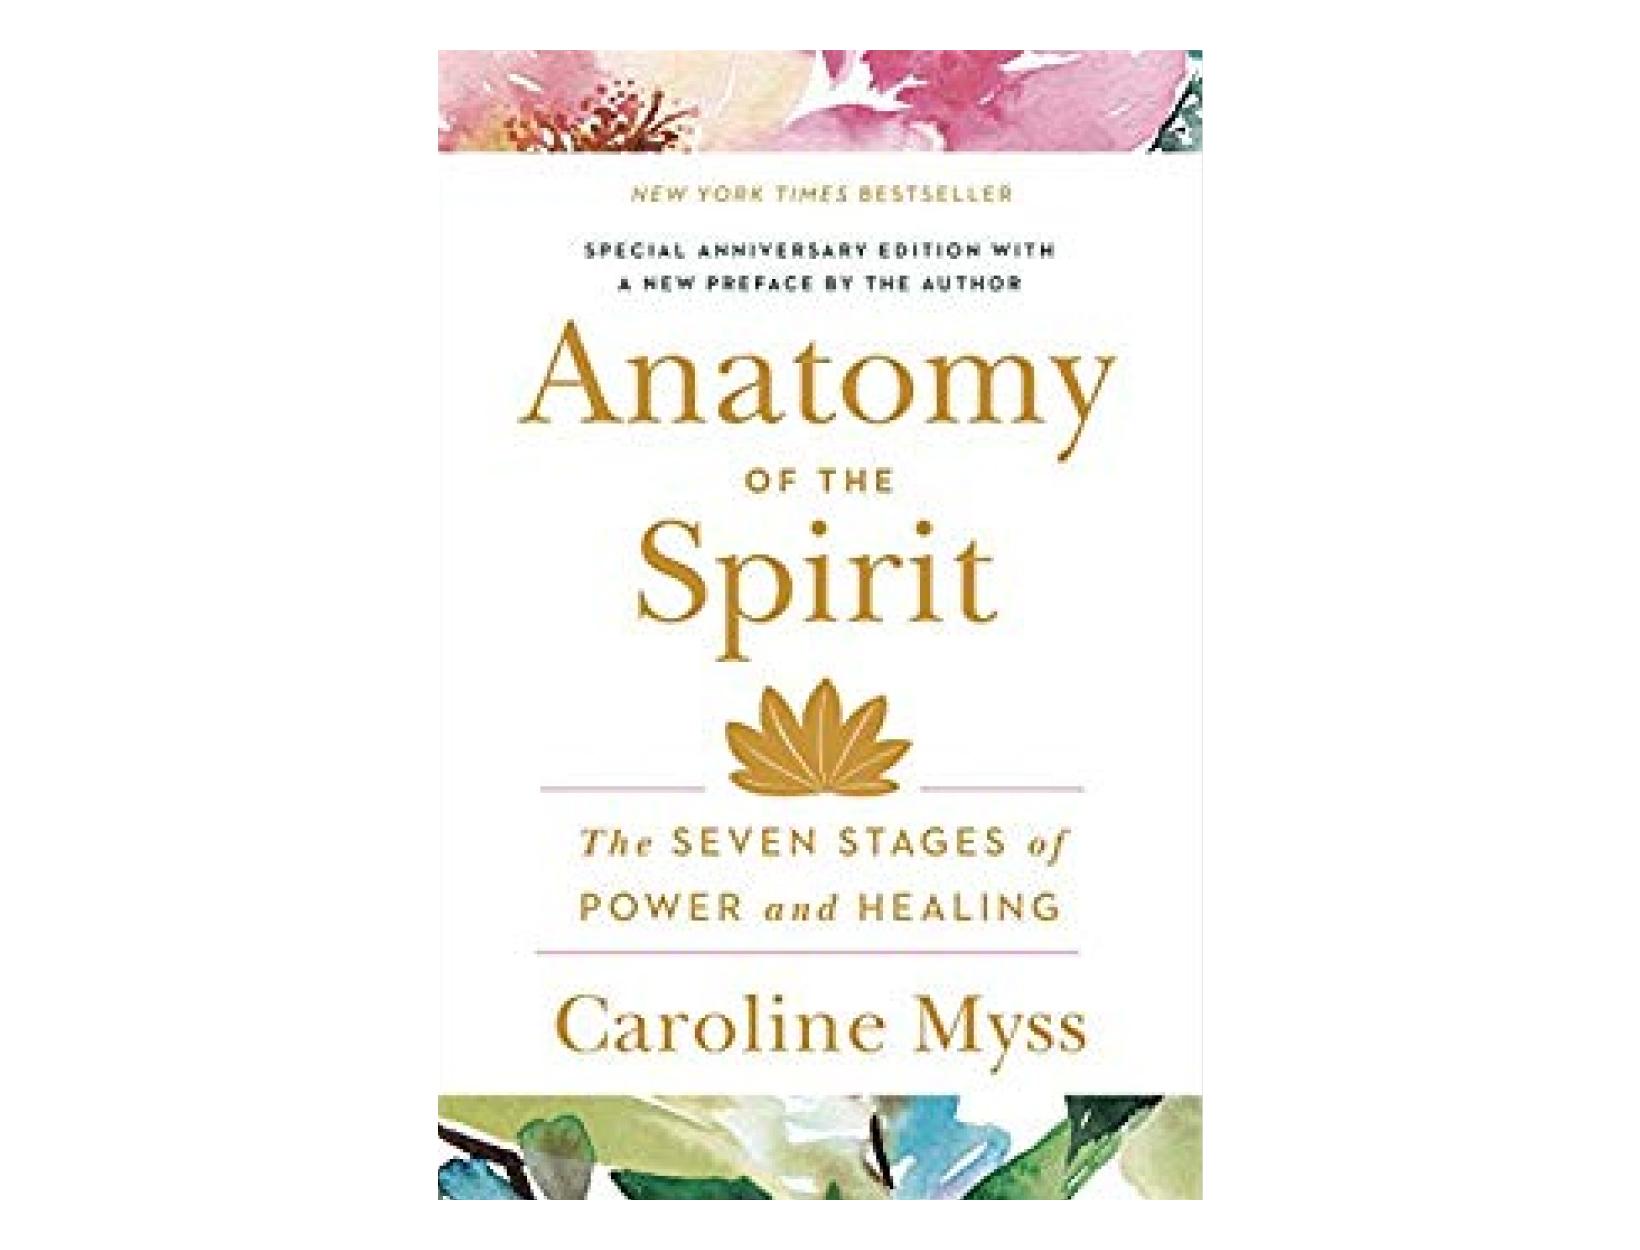 <em>avtor Caroline Myss